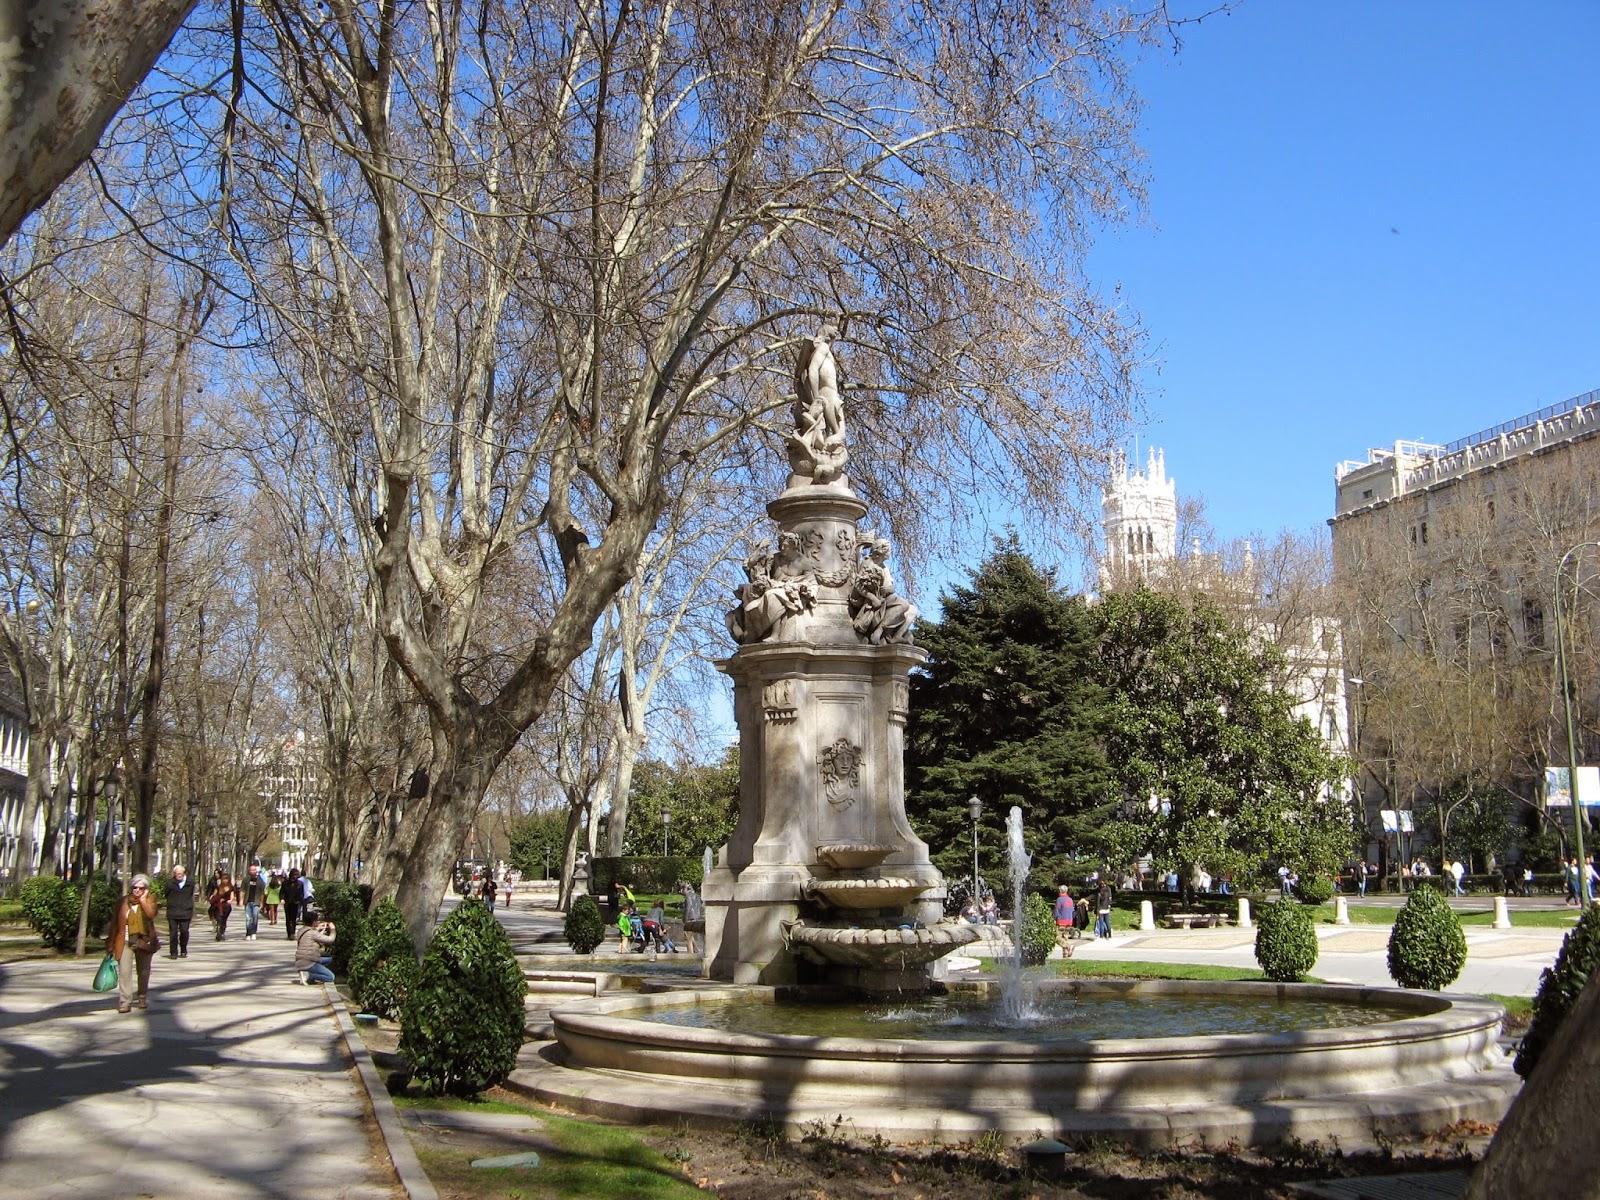 Rincones ibericos madrid paseo del prado comunidad de for Calle prado 8 madrid